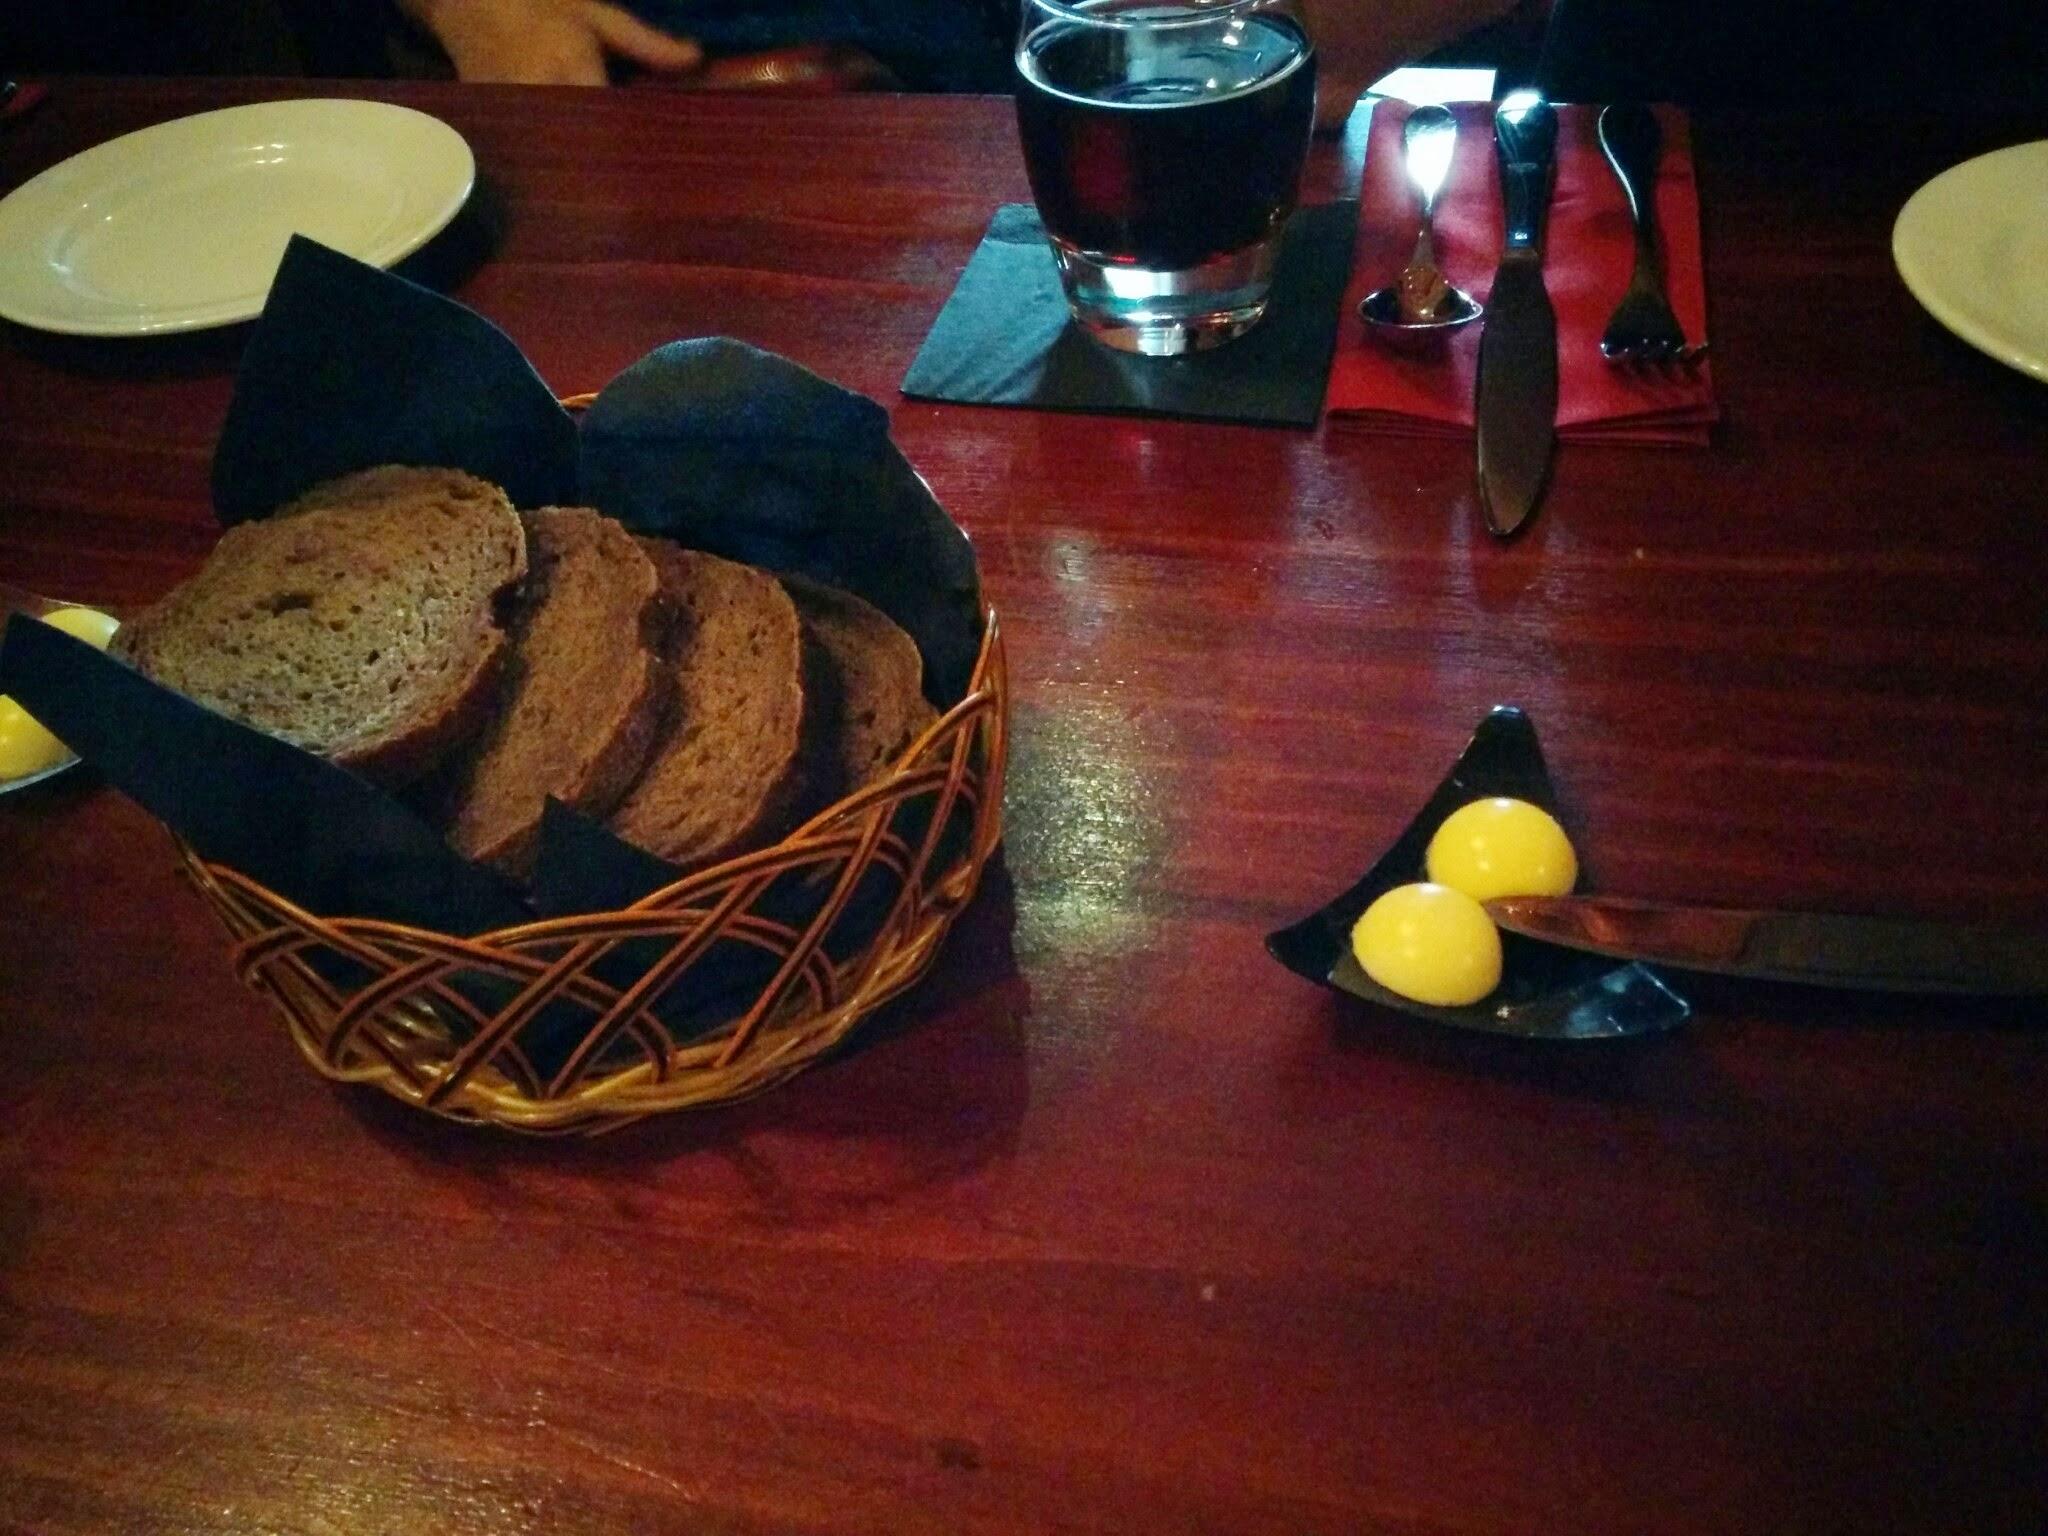 Dark rye bread with butter